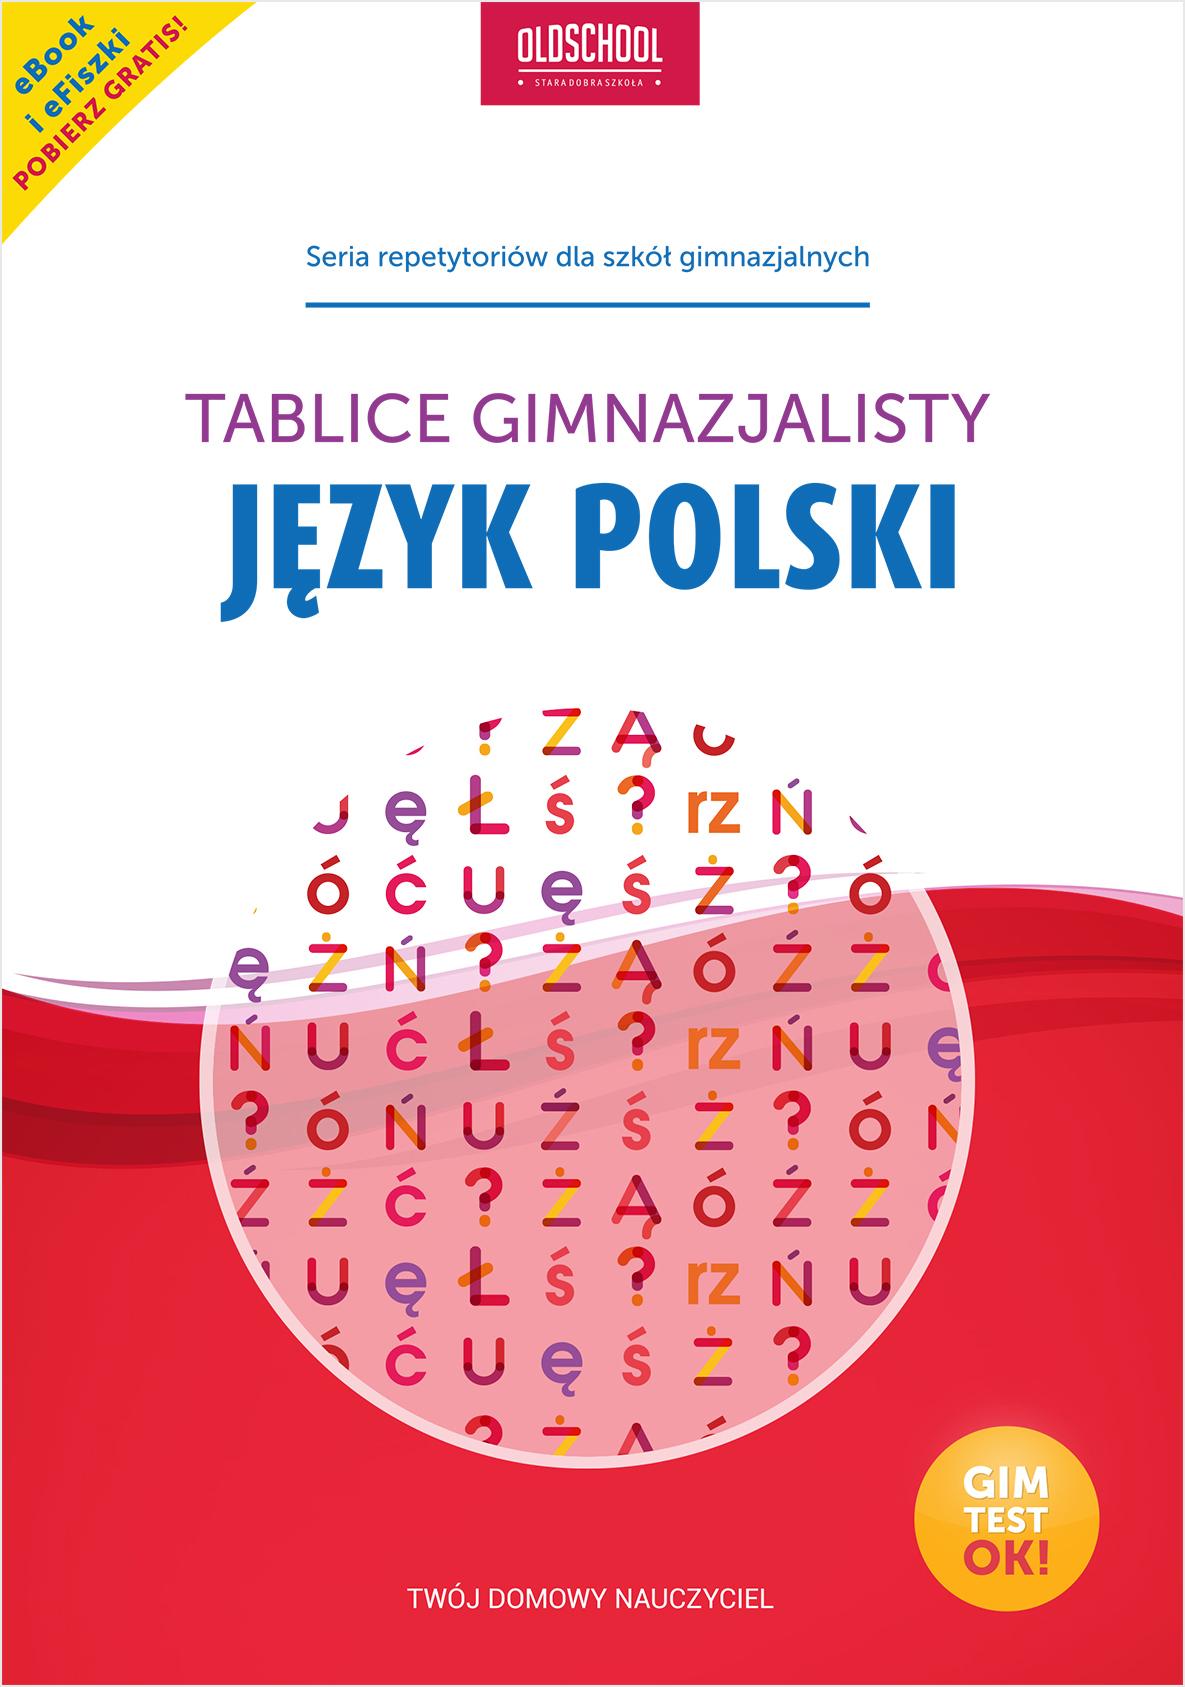 polski_okladka_krzywe